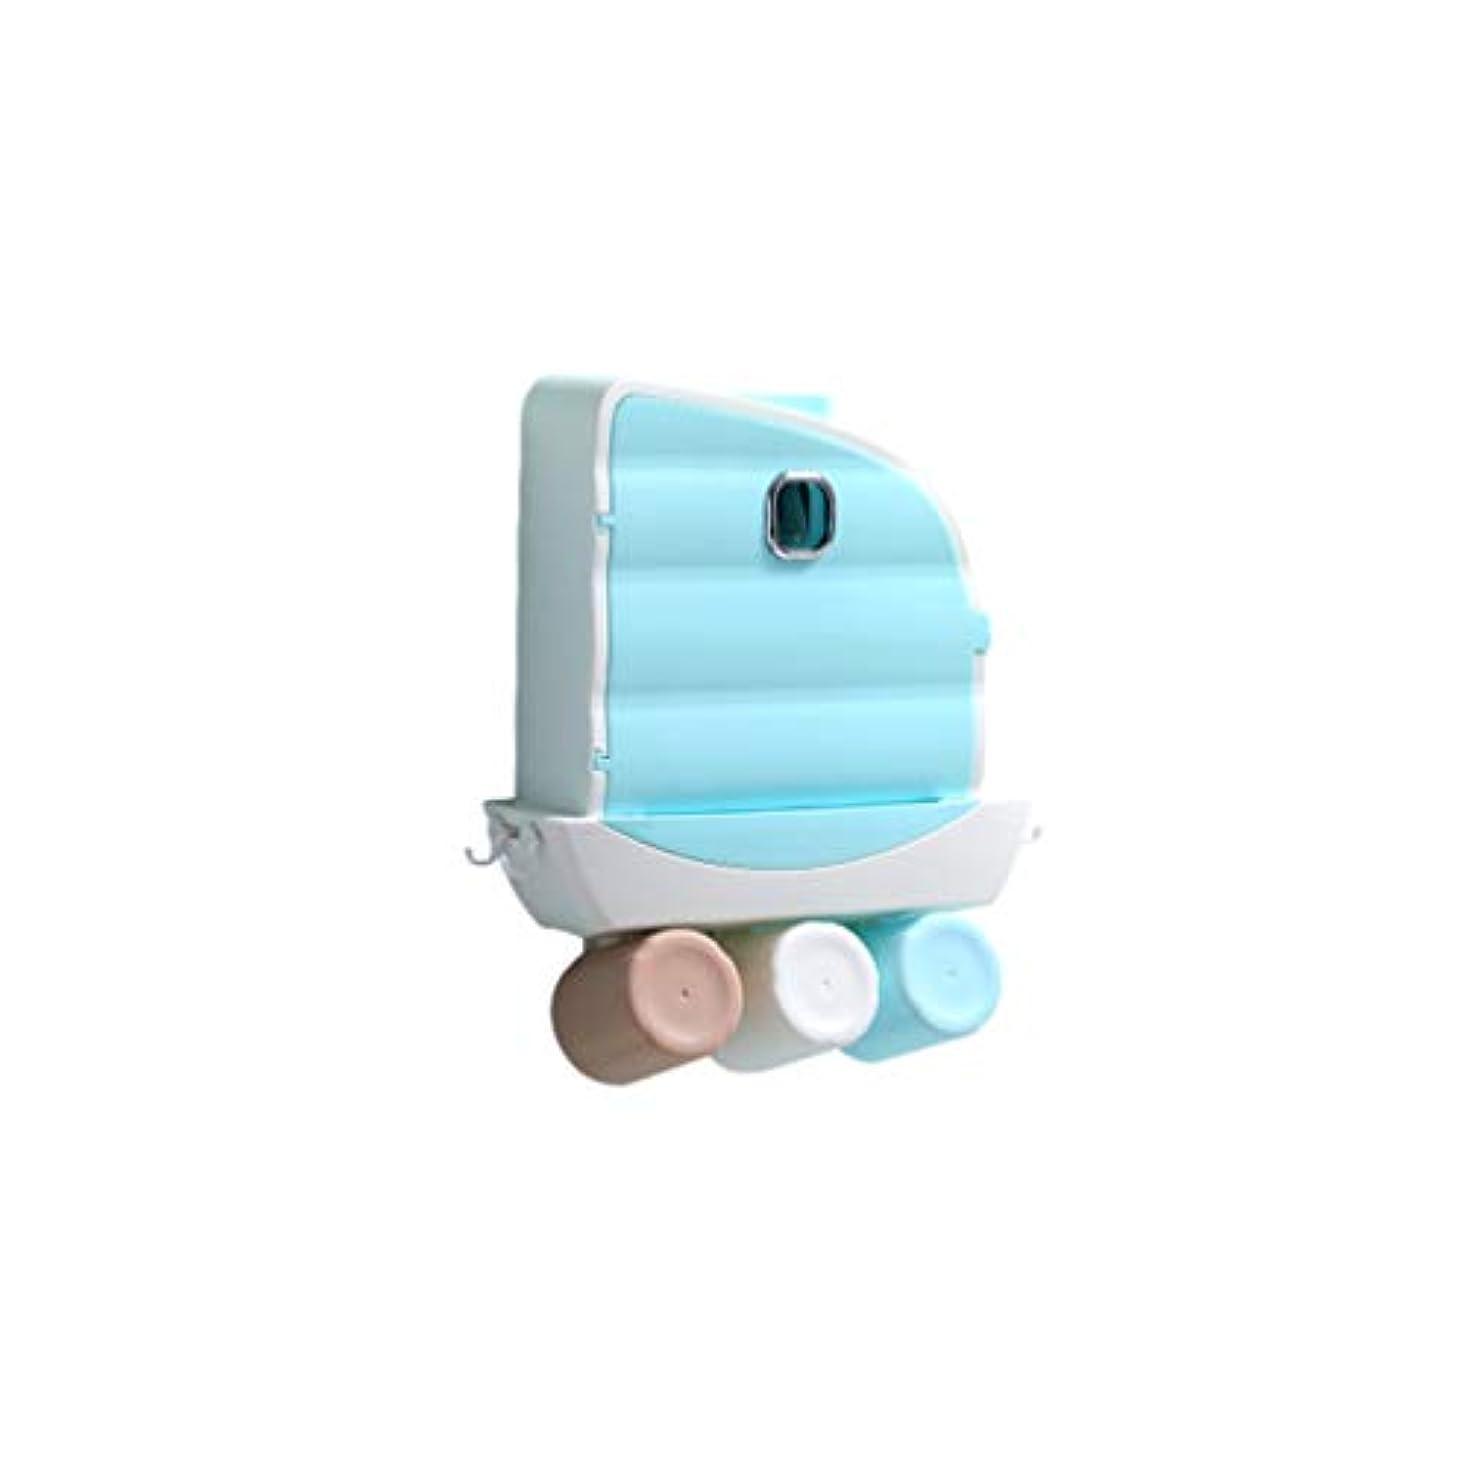 ホイットニーテロリスト反発SUPVOX タオルフック付き壁掛け歯ブラシホルダー歯磨き粉スクイーザー